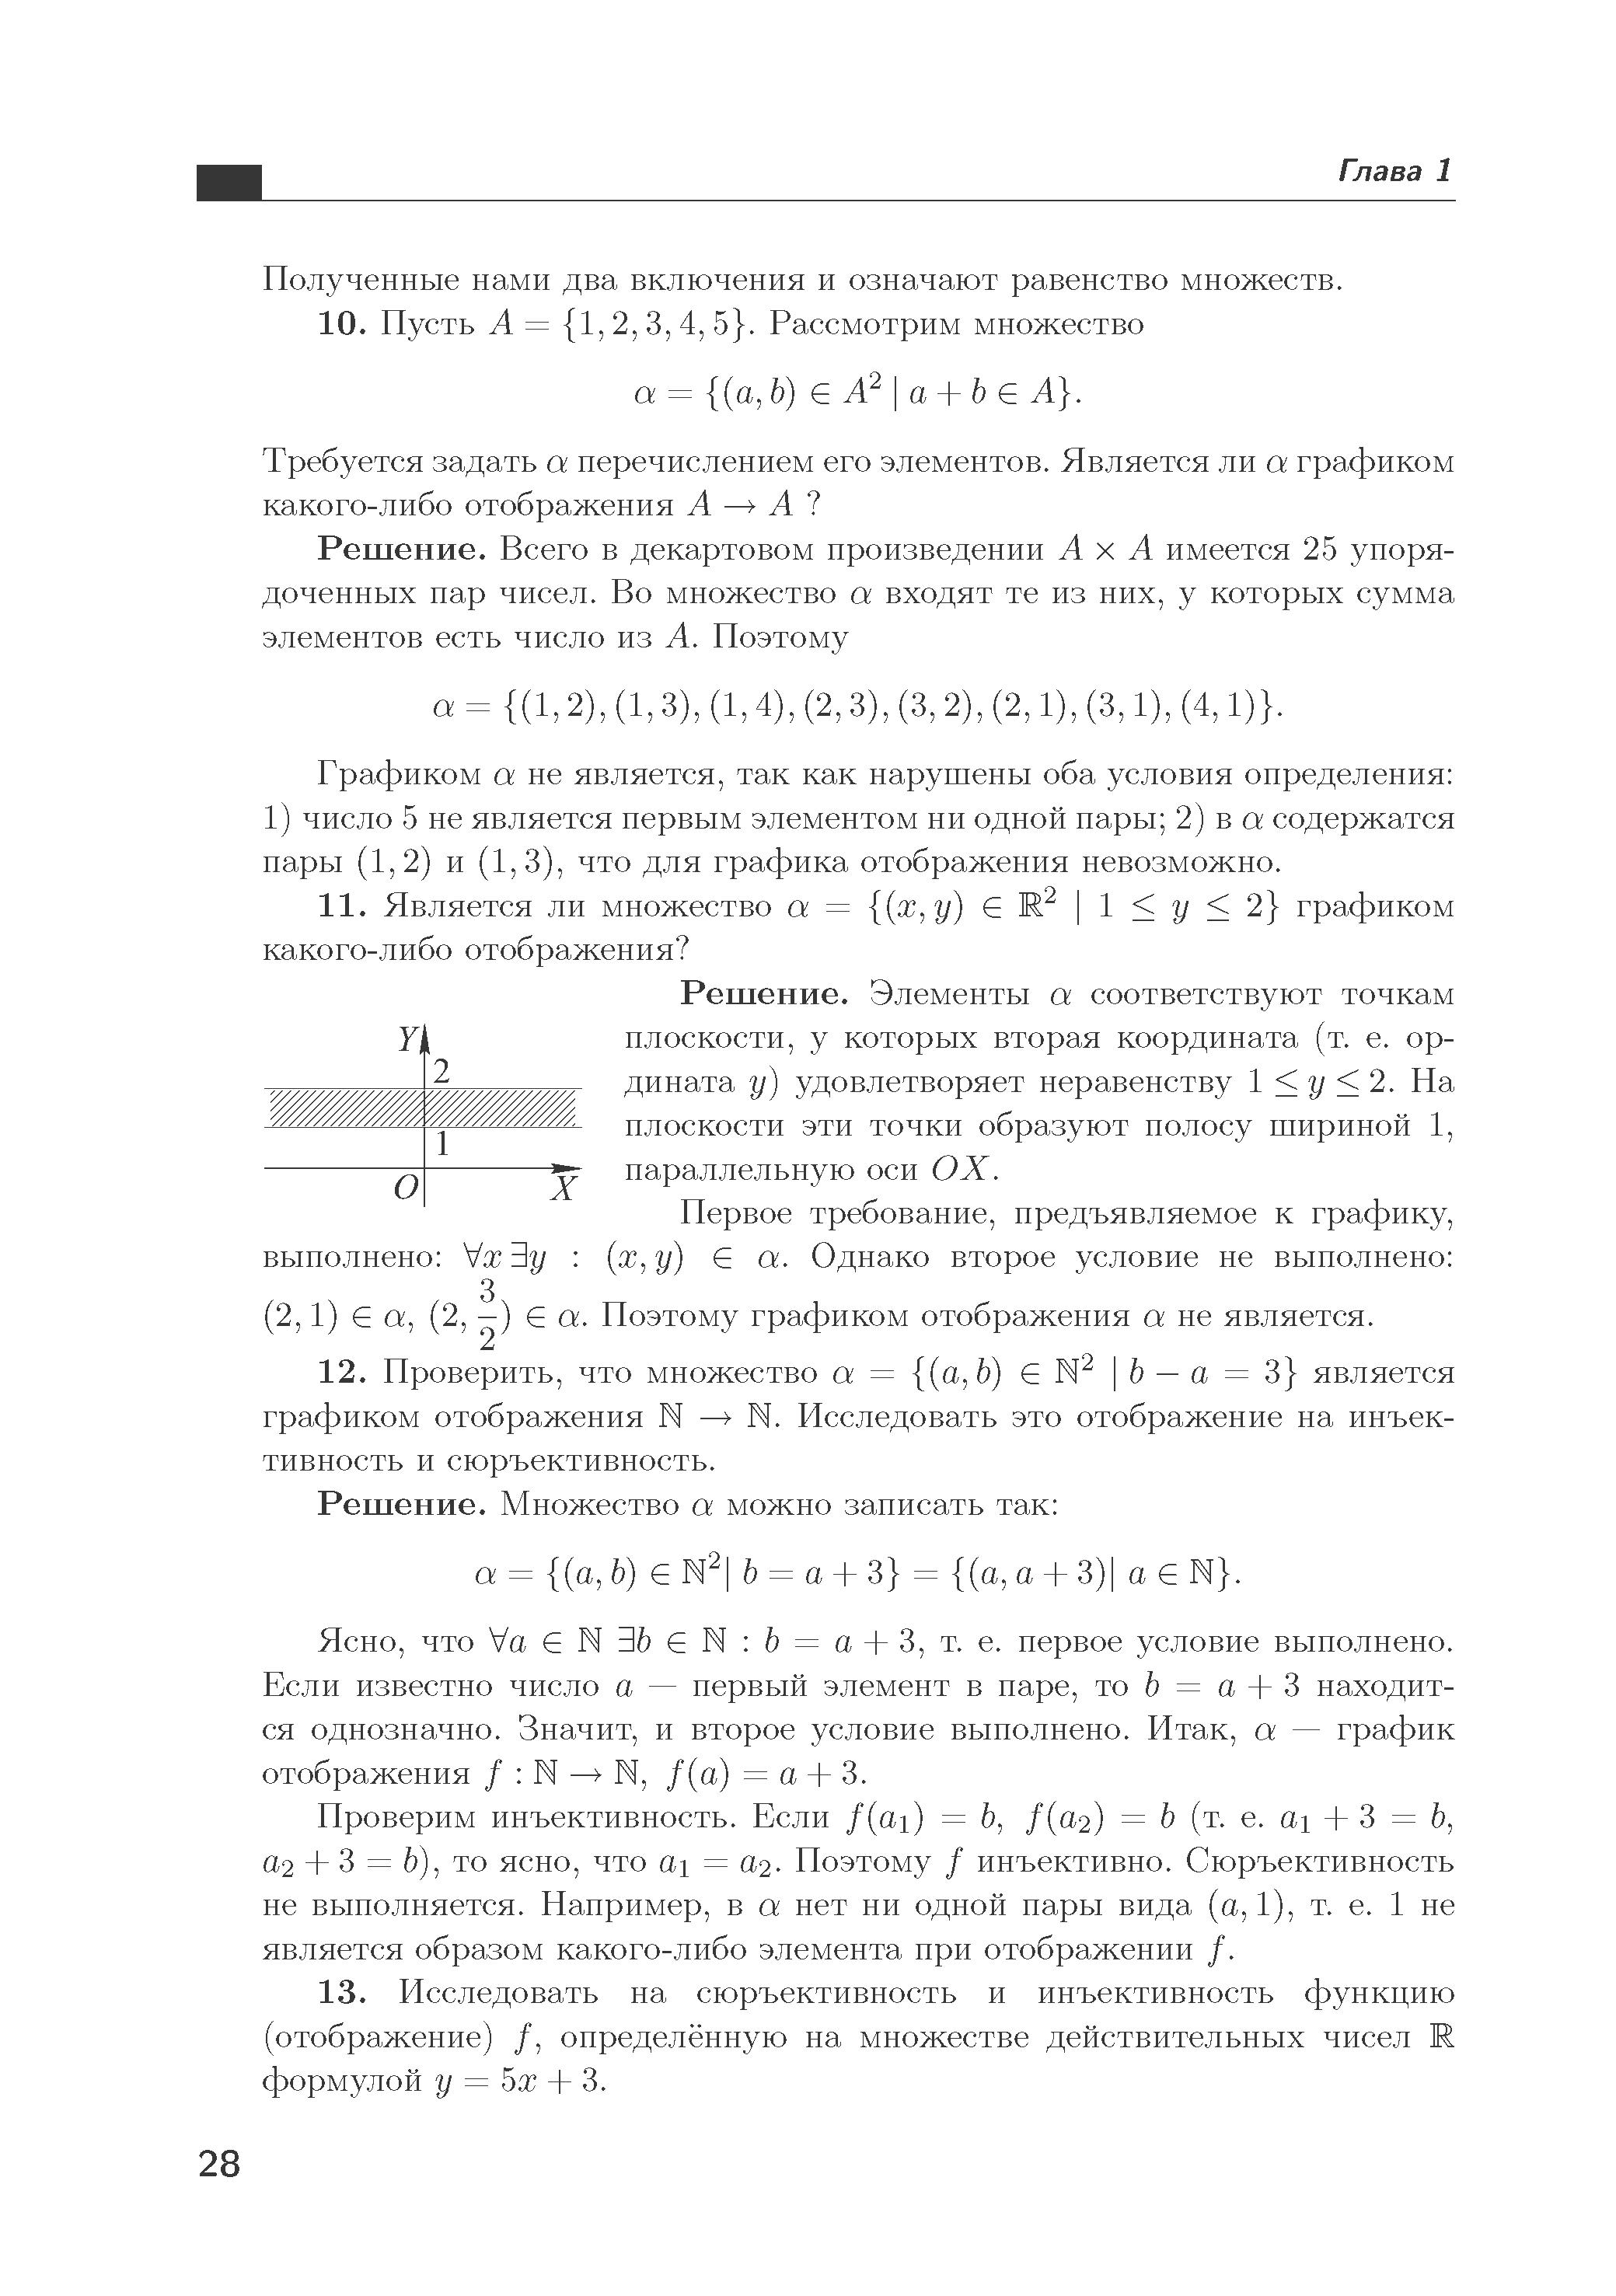 Теория чисел примеры решения задач придумай и реши задачу по данным выражениям